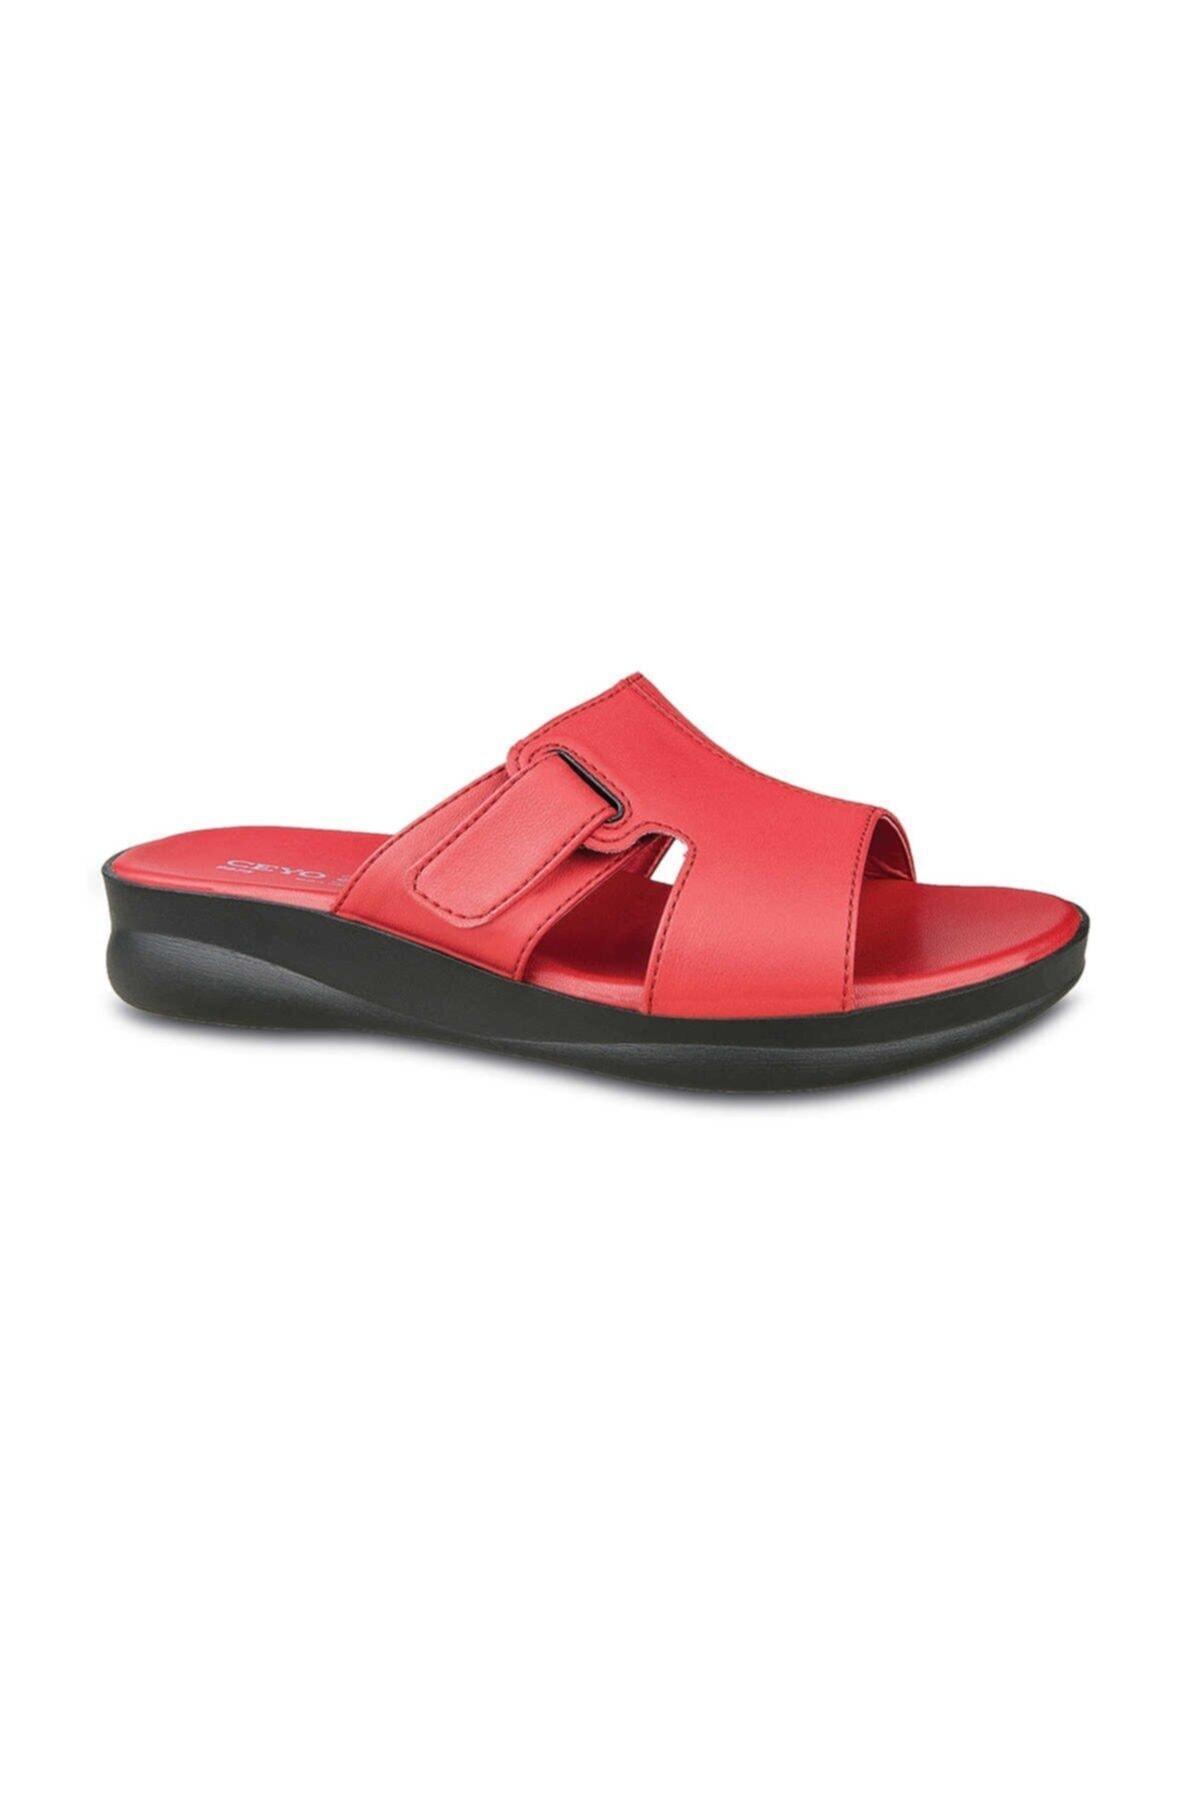 Ceyo Kadın Kırmızı Terlik 9975-2